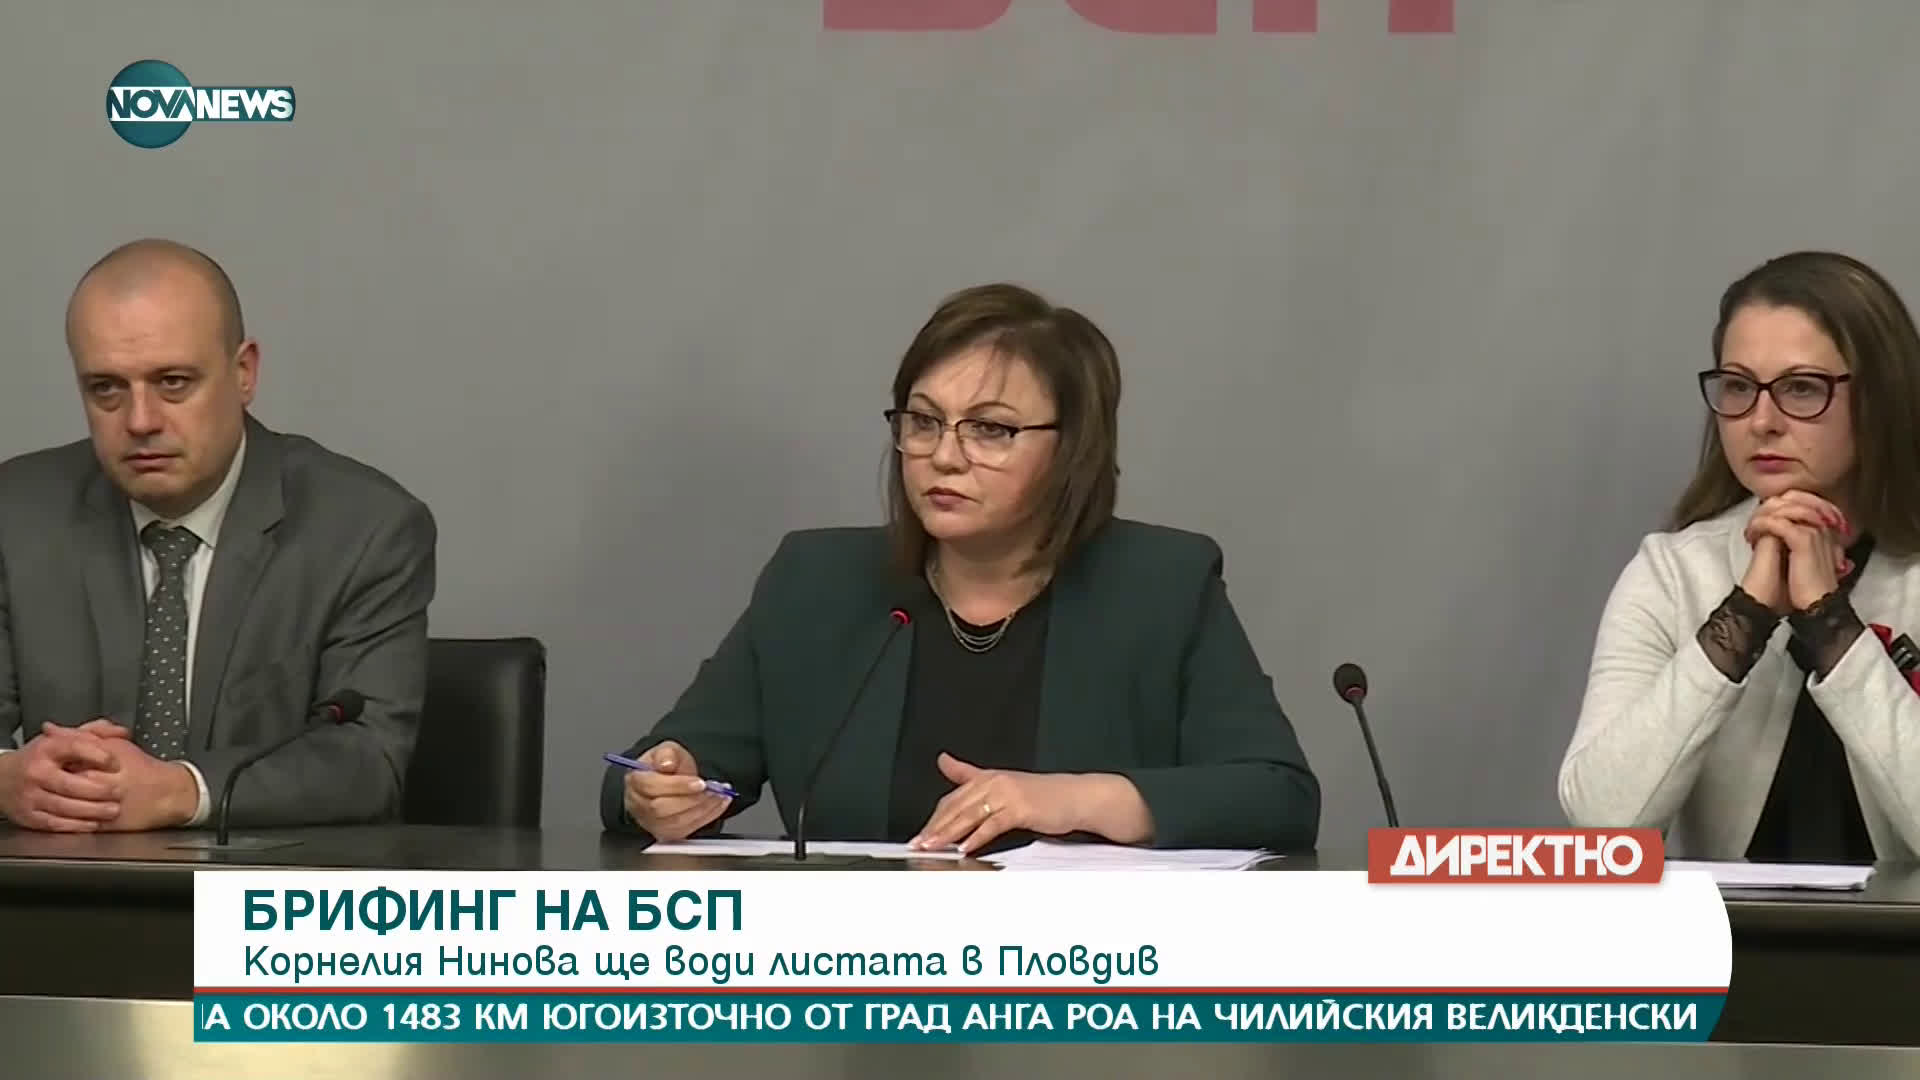 Корнелия Нинова ще води листата на БСП в Пловдив